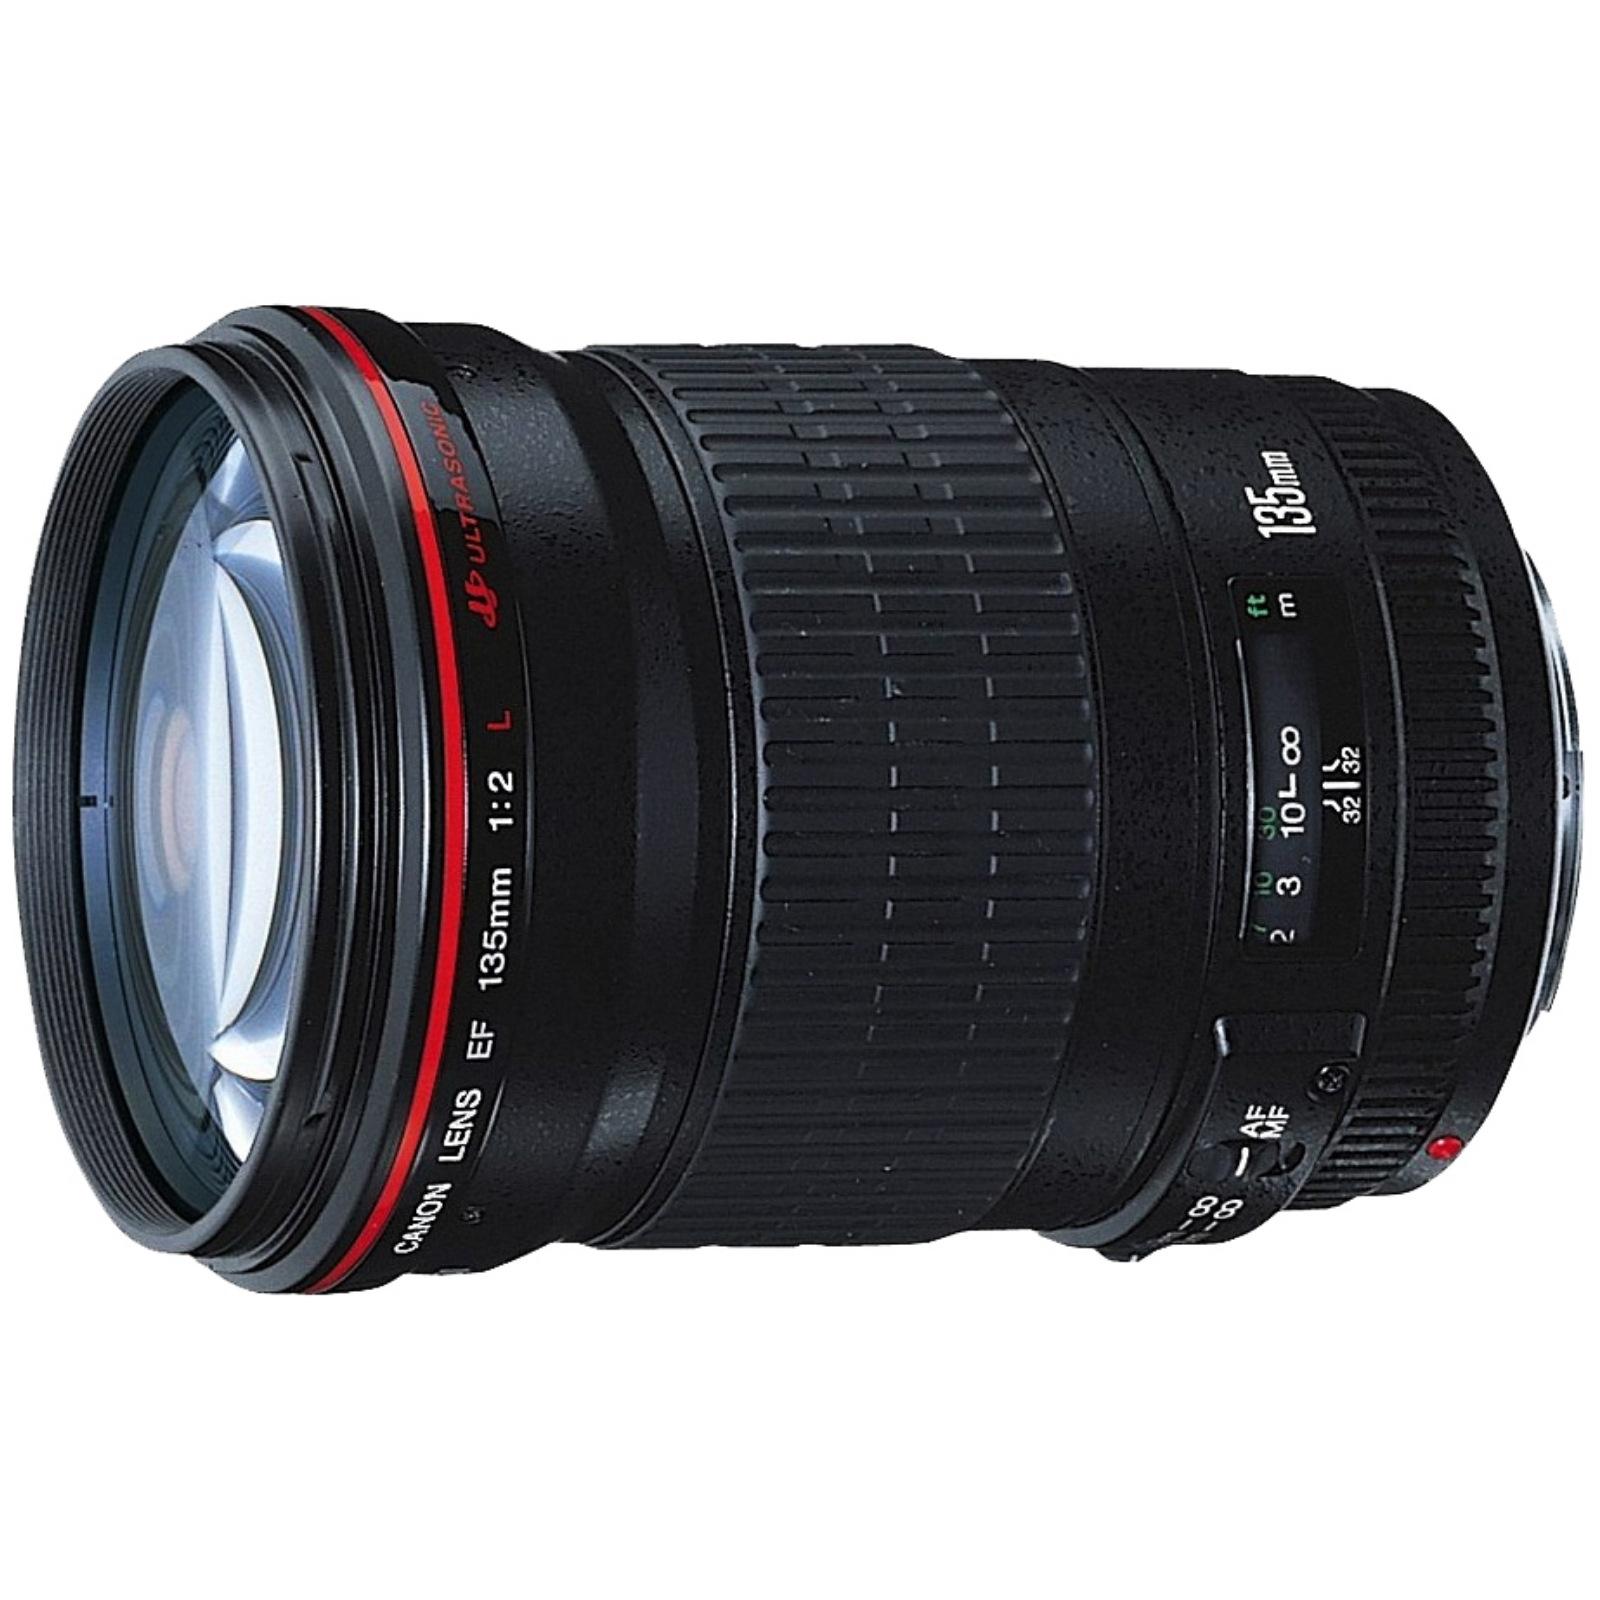 Canon キヤノン 単焦点望遠レンズ EF135mm F2L USM ブラック EF13520L 新品 (並行輸入品、保証付き)